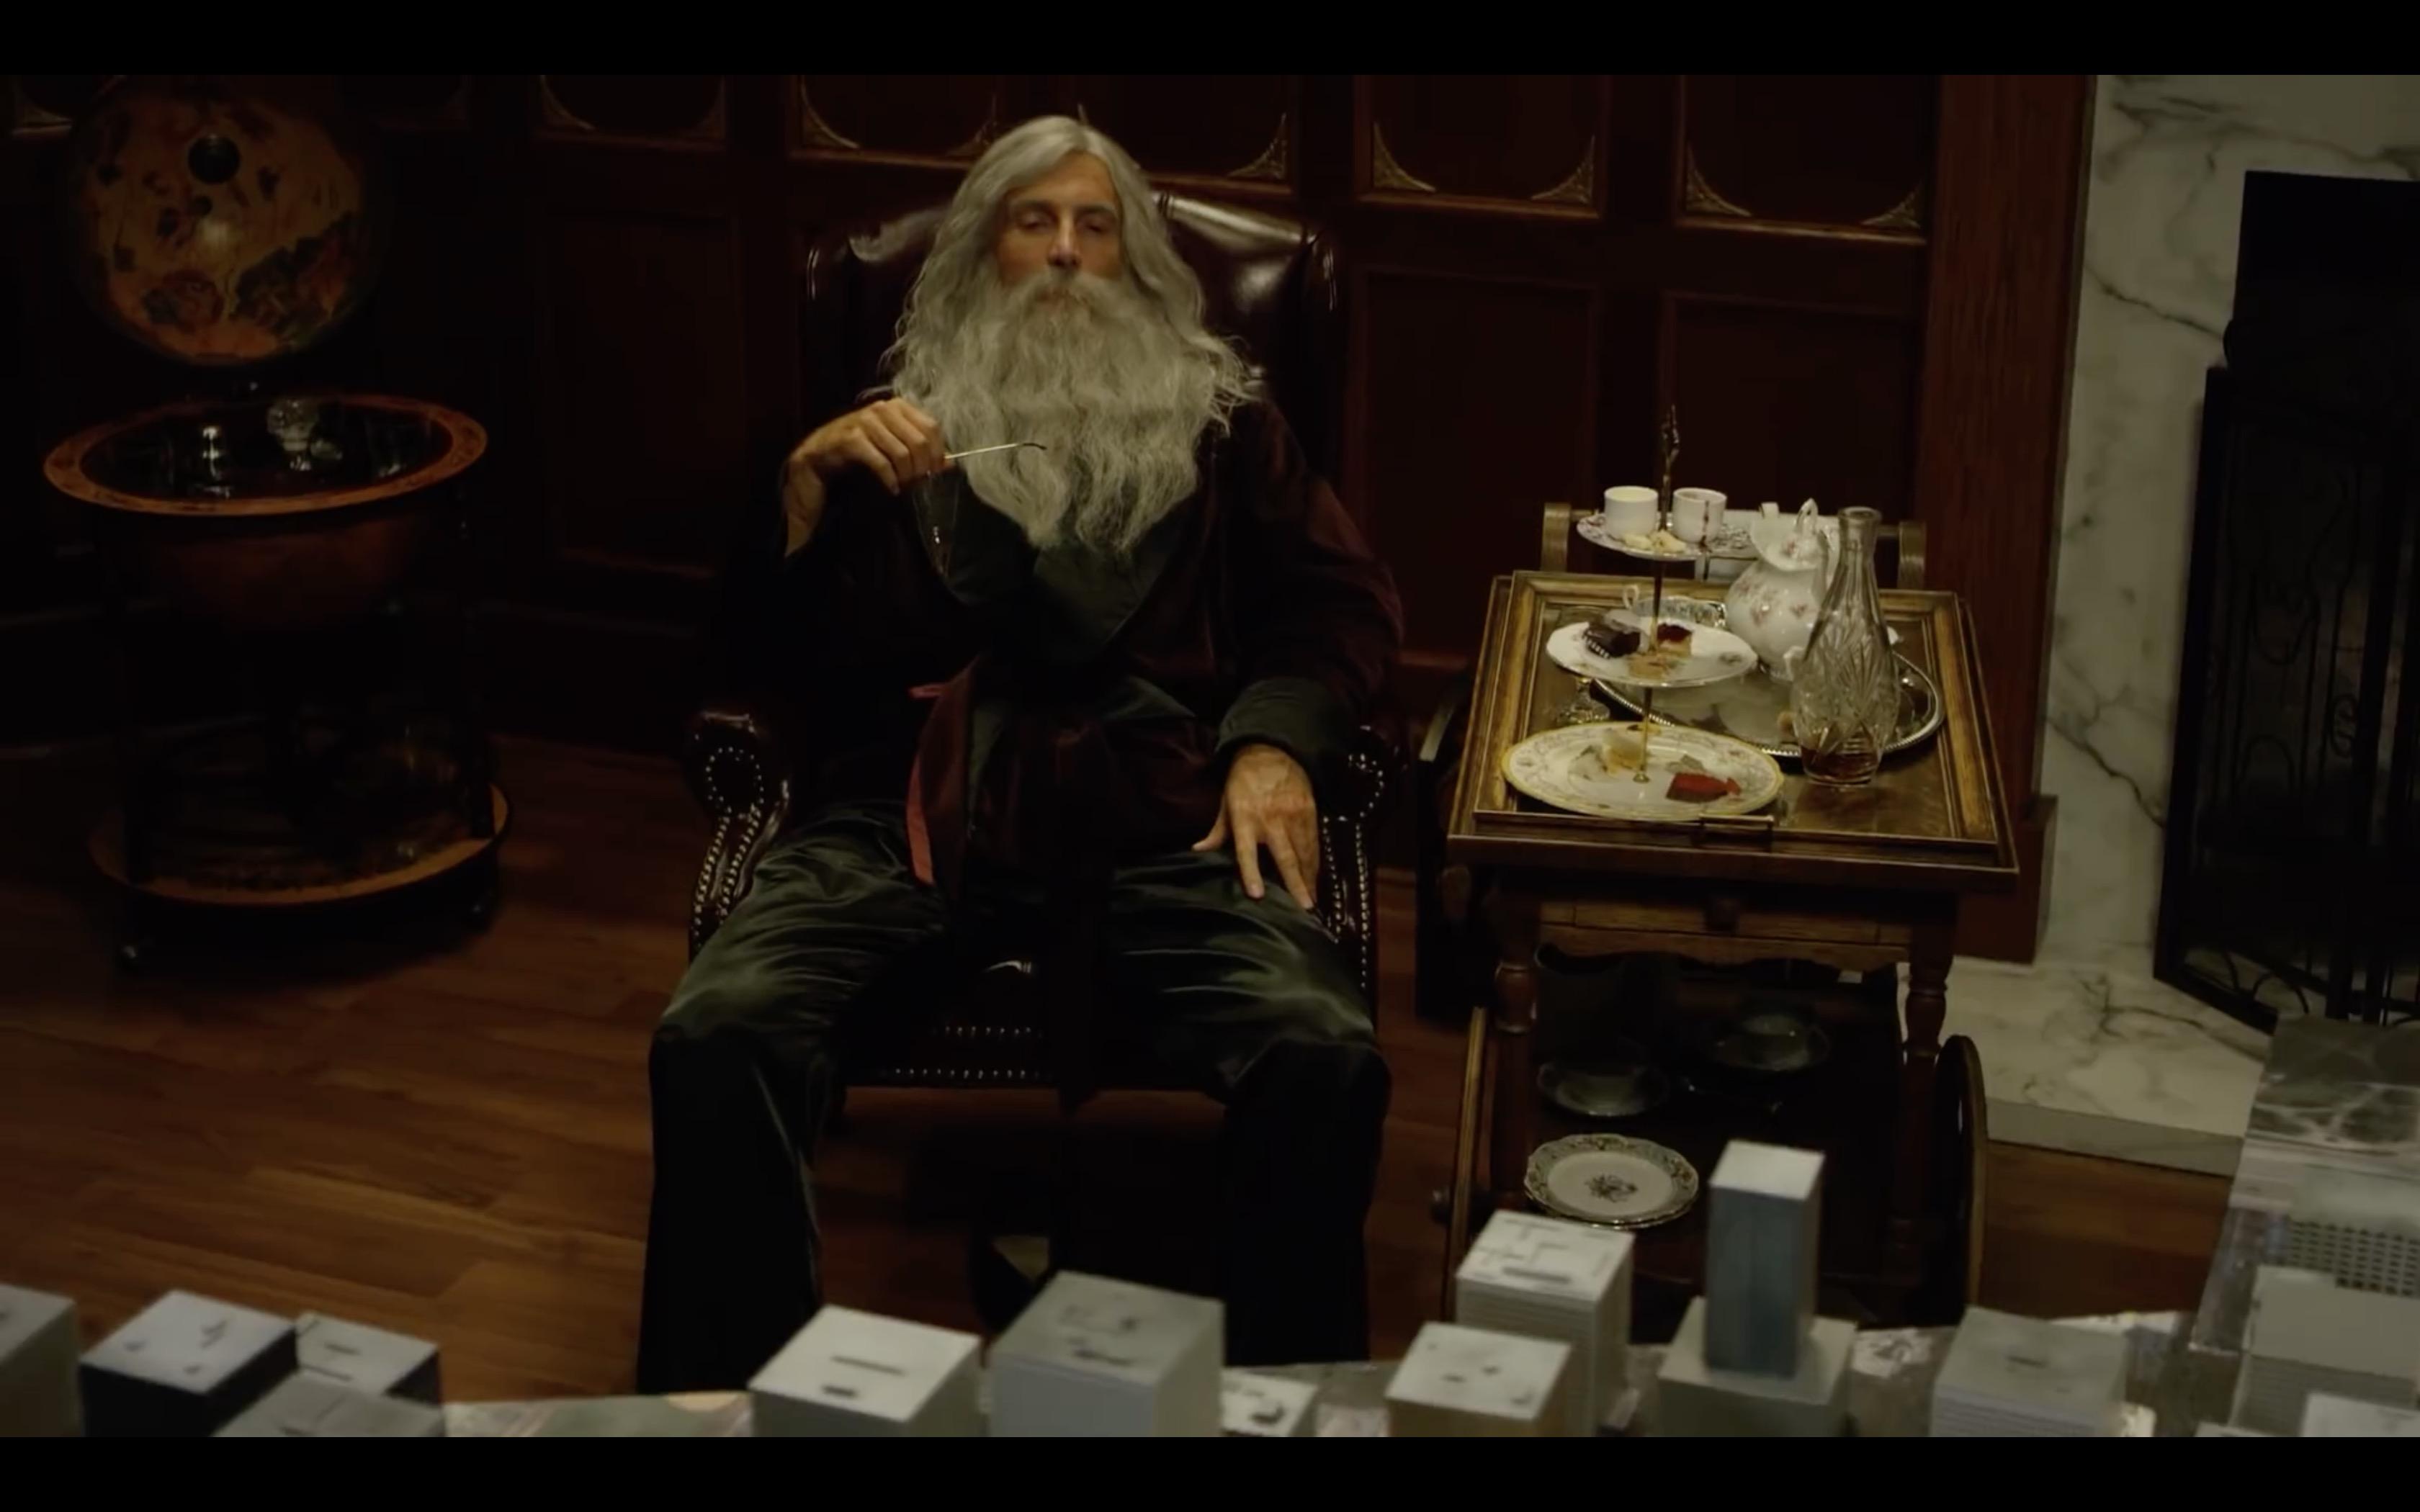 Neill Blomkamp's Oats Studio Short: God